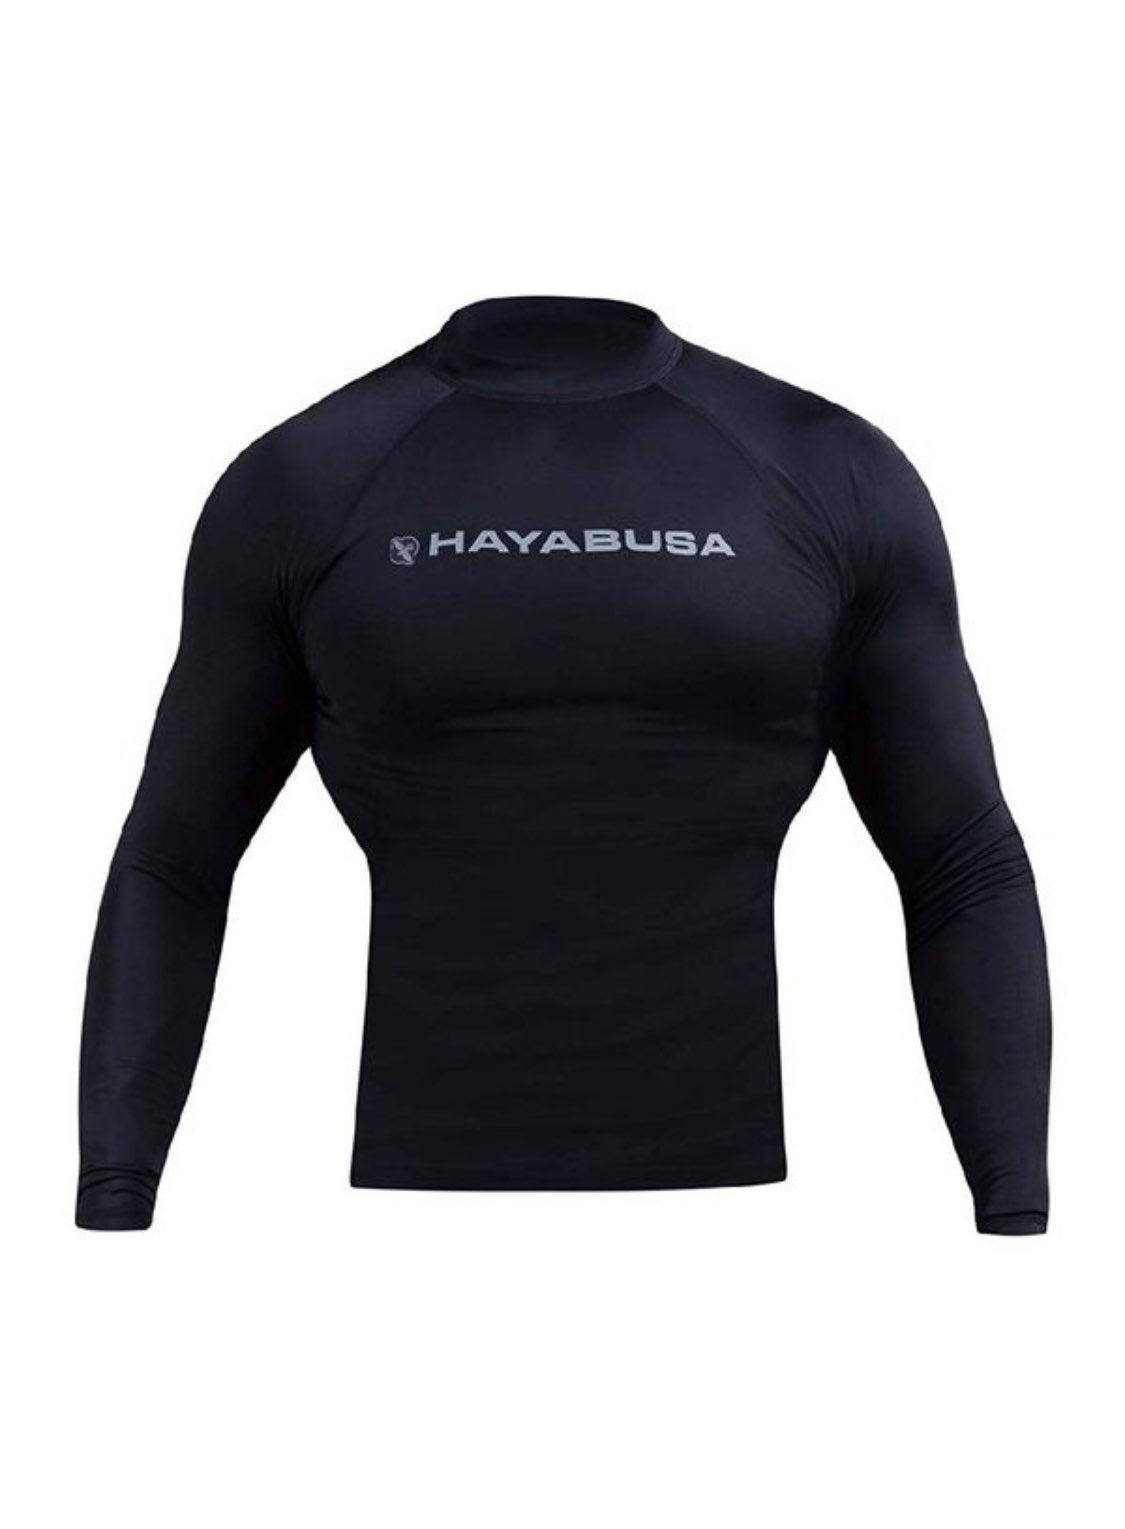 Hyabusa haburi rash guard